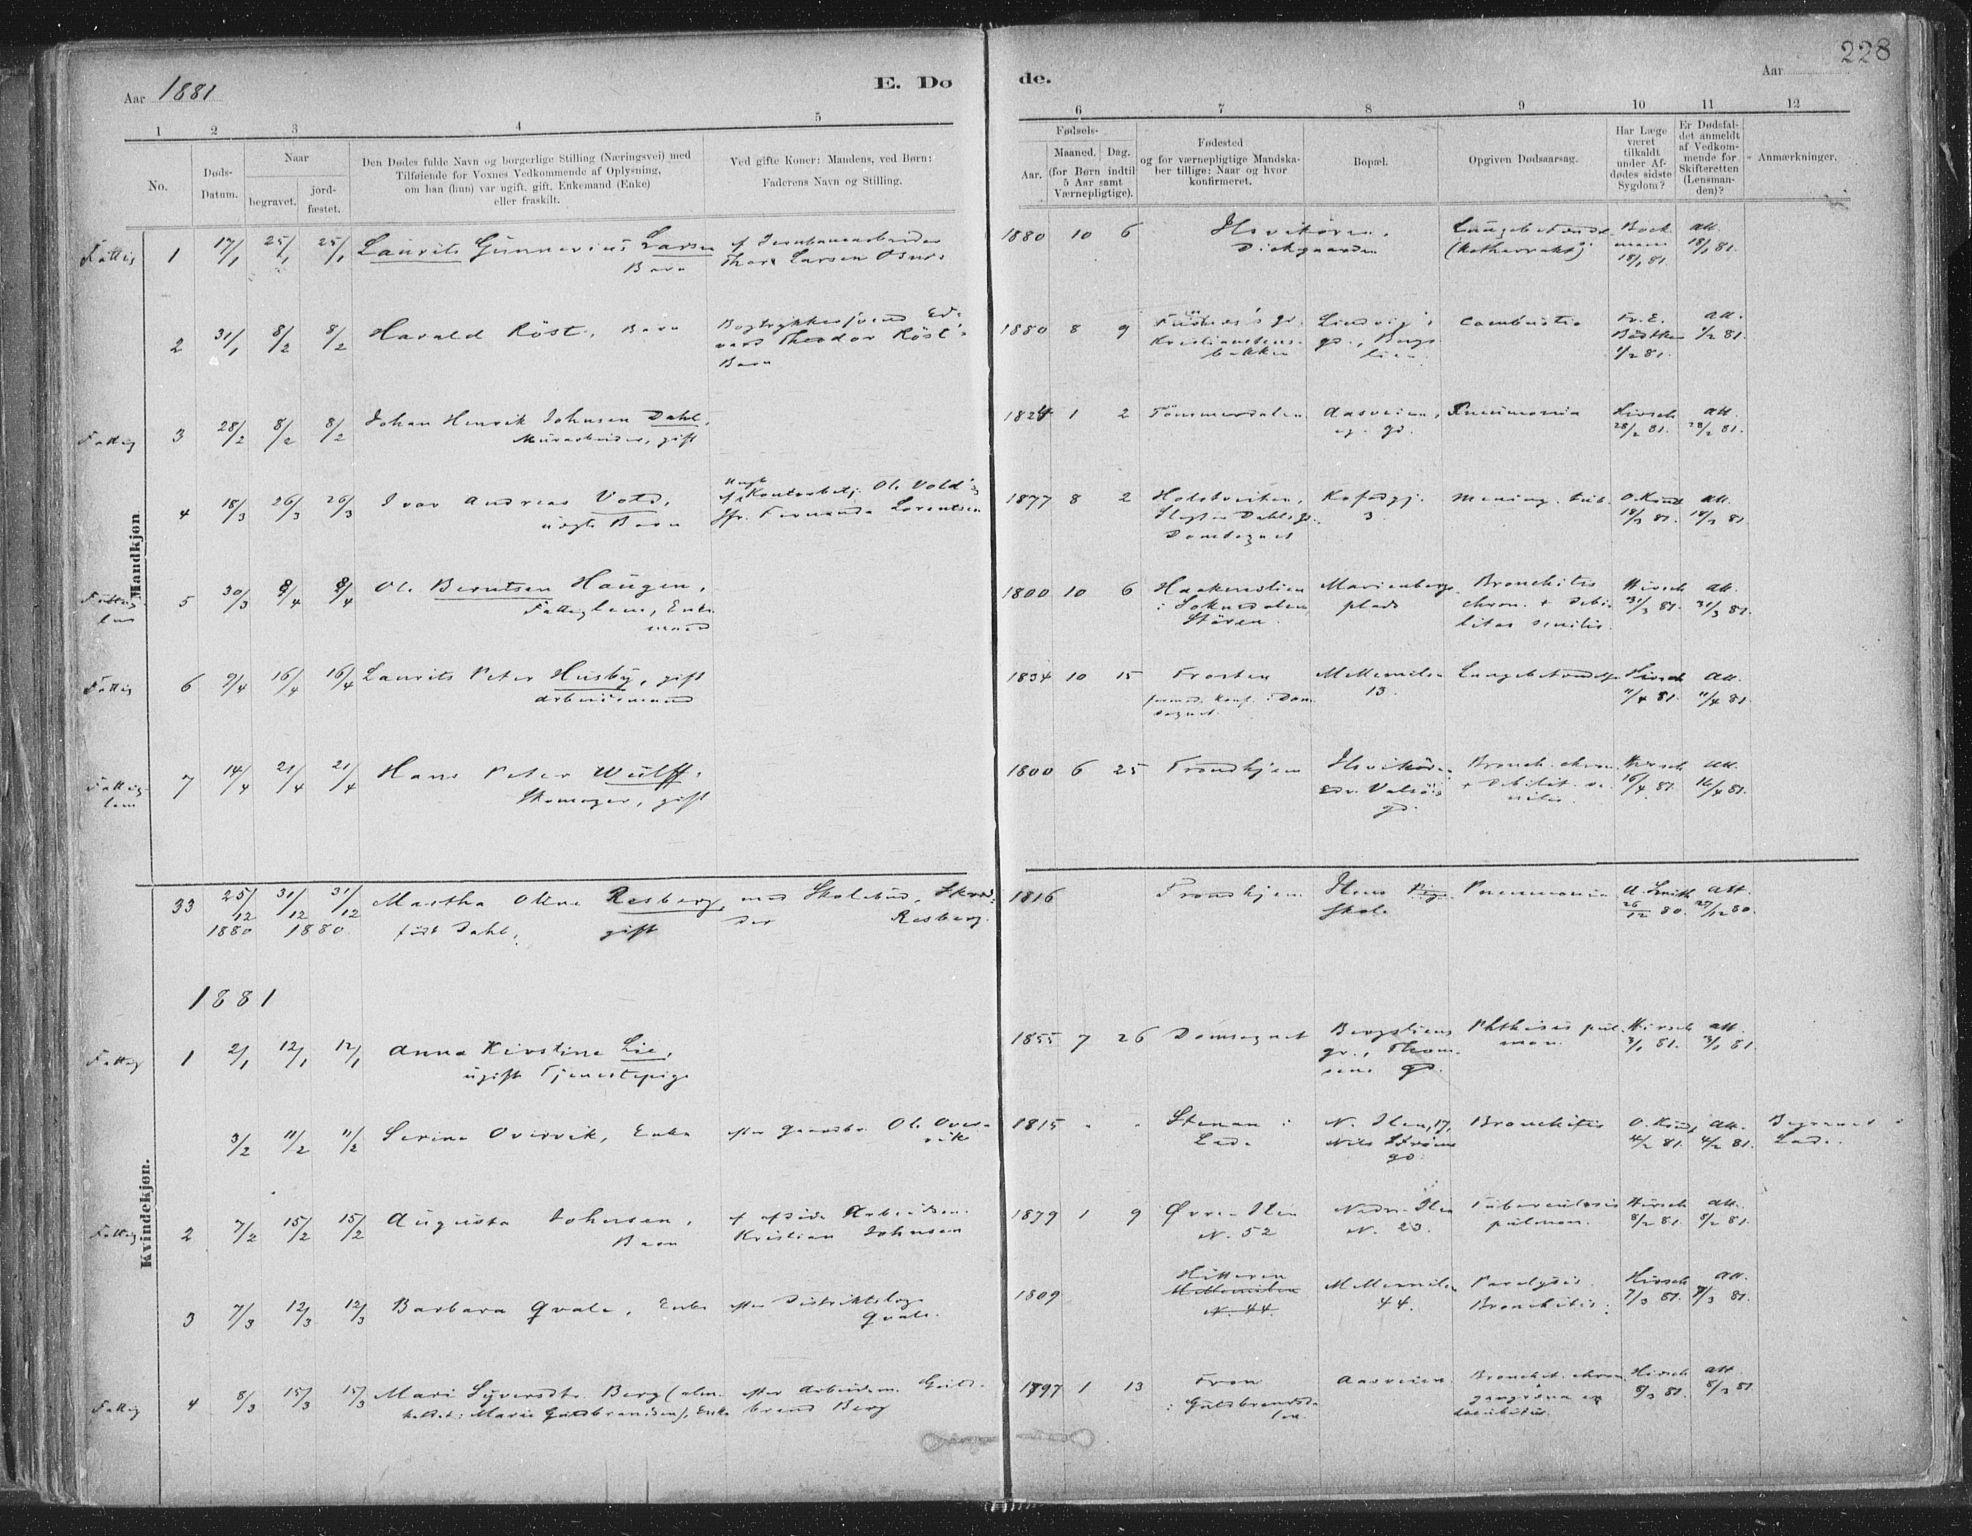 SAT, Ministerialprotokoller, klokkerbøker og fødselsregistre - Sør-Trøndelag, 603/L0162: Ministerialbok nr. 603A01, 1879-1895, s. 228